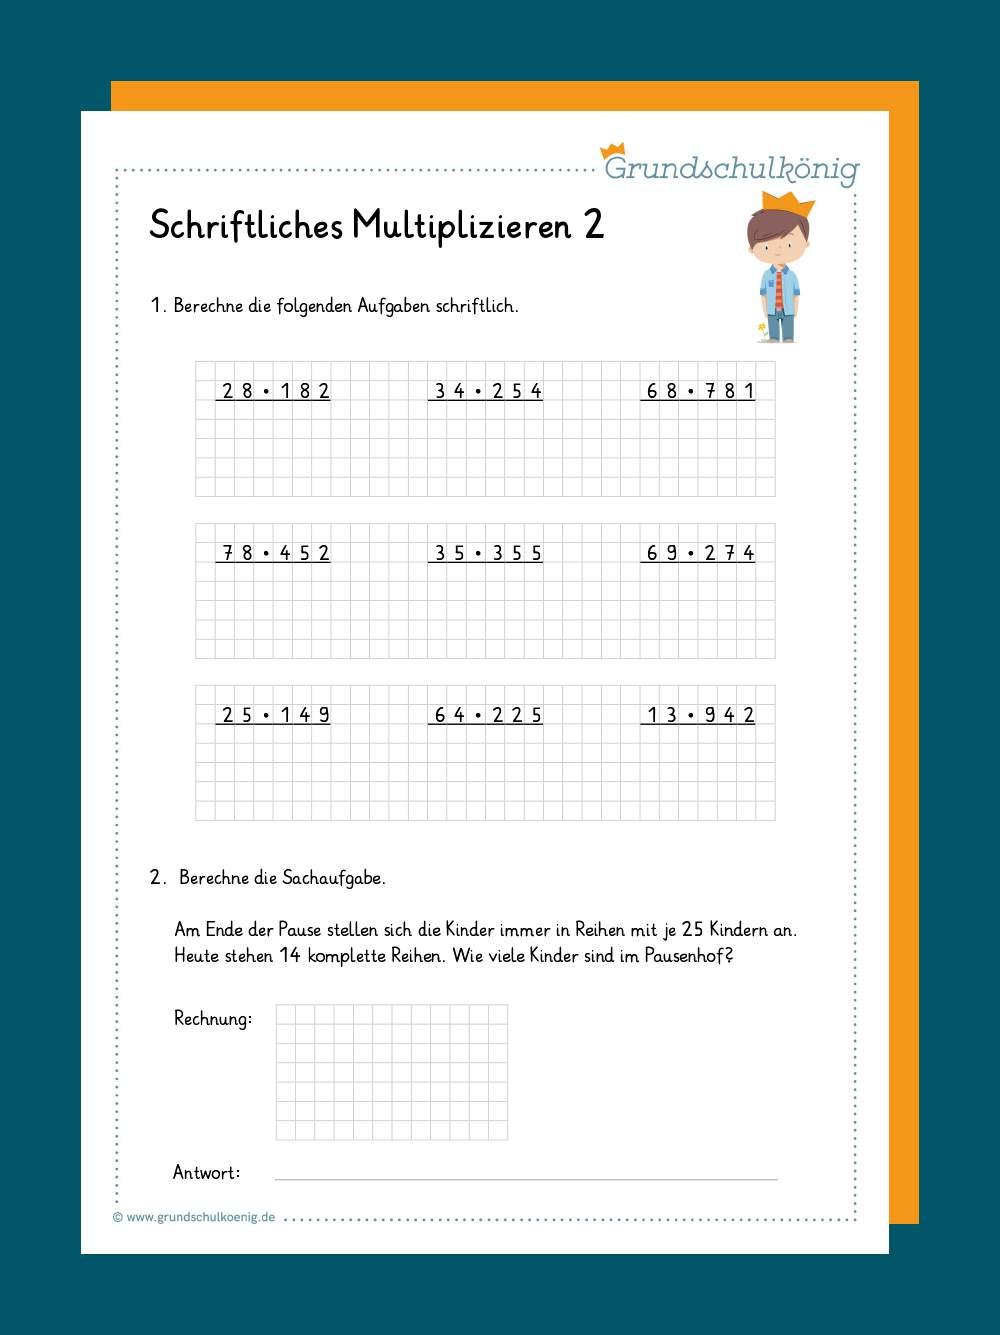 Schriftliches Multiplizieren